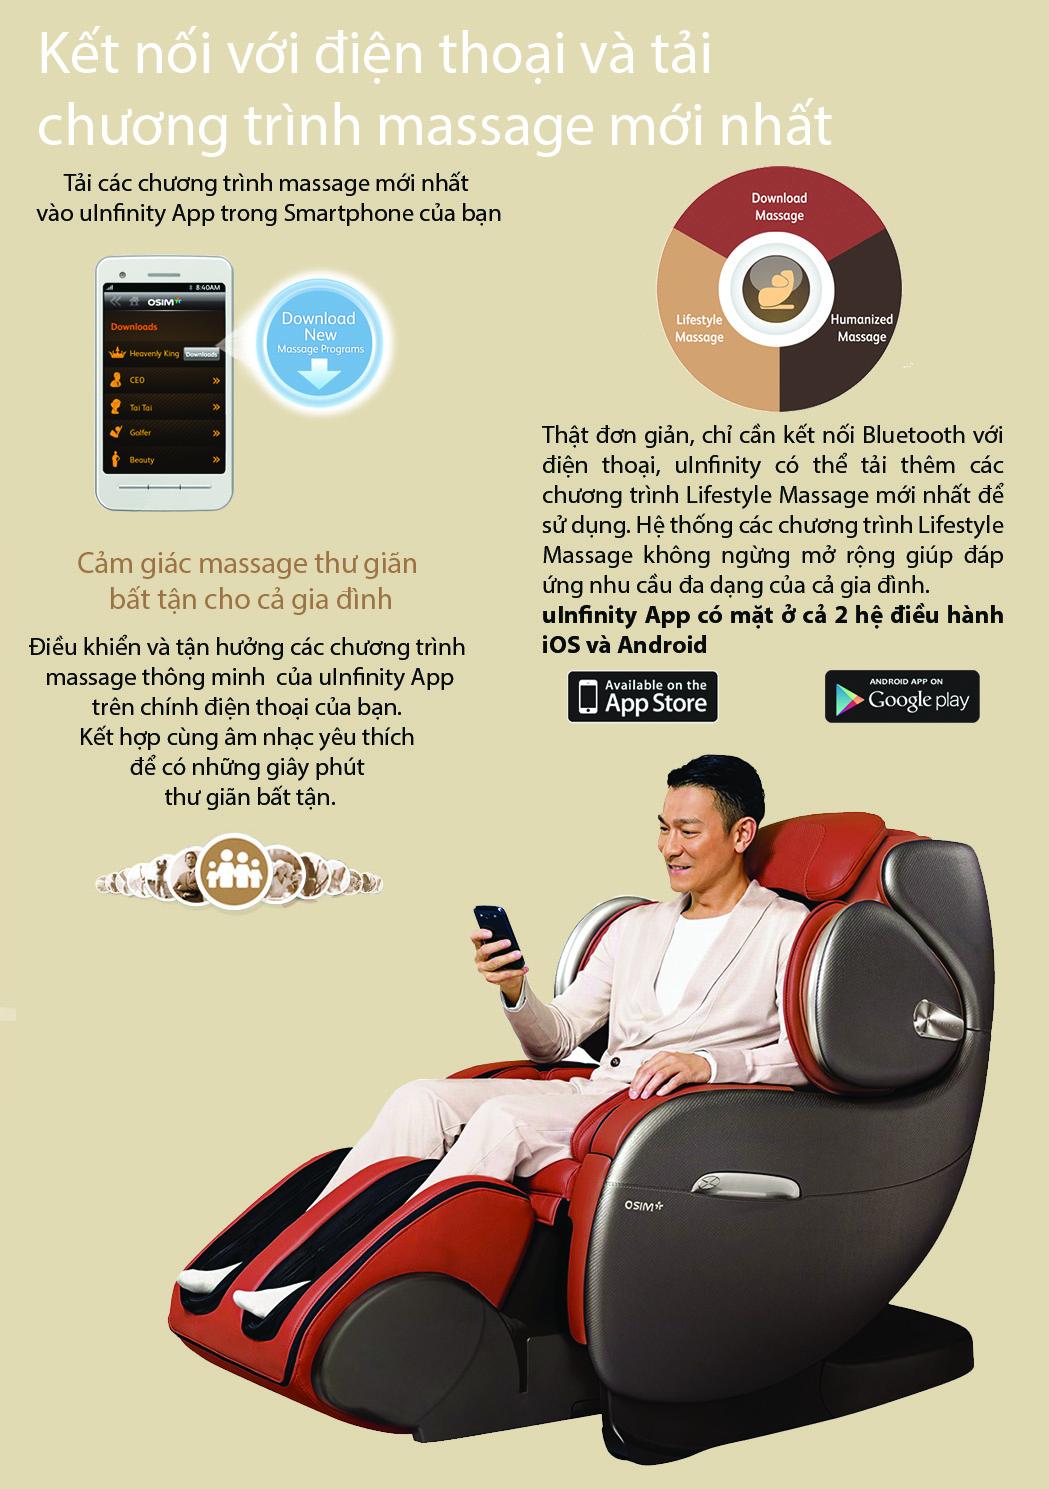 Ghế massage OSIM uInfinity - Tải chương trình massage mới